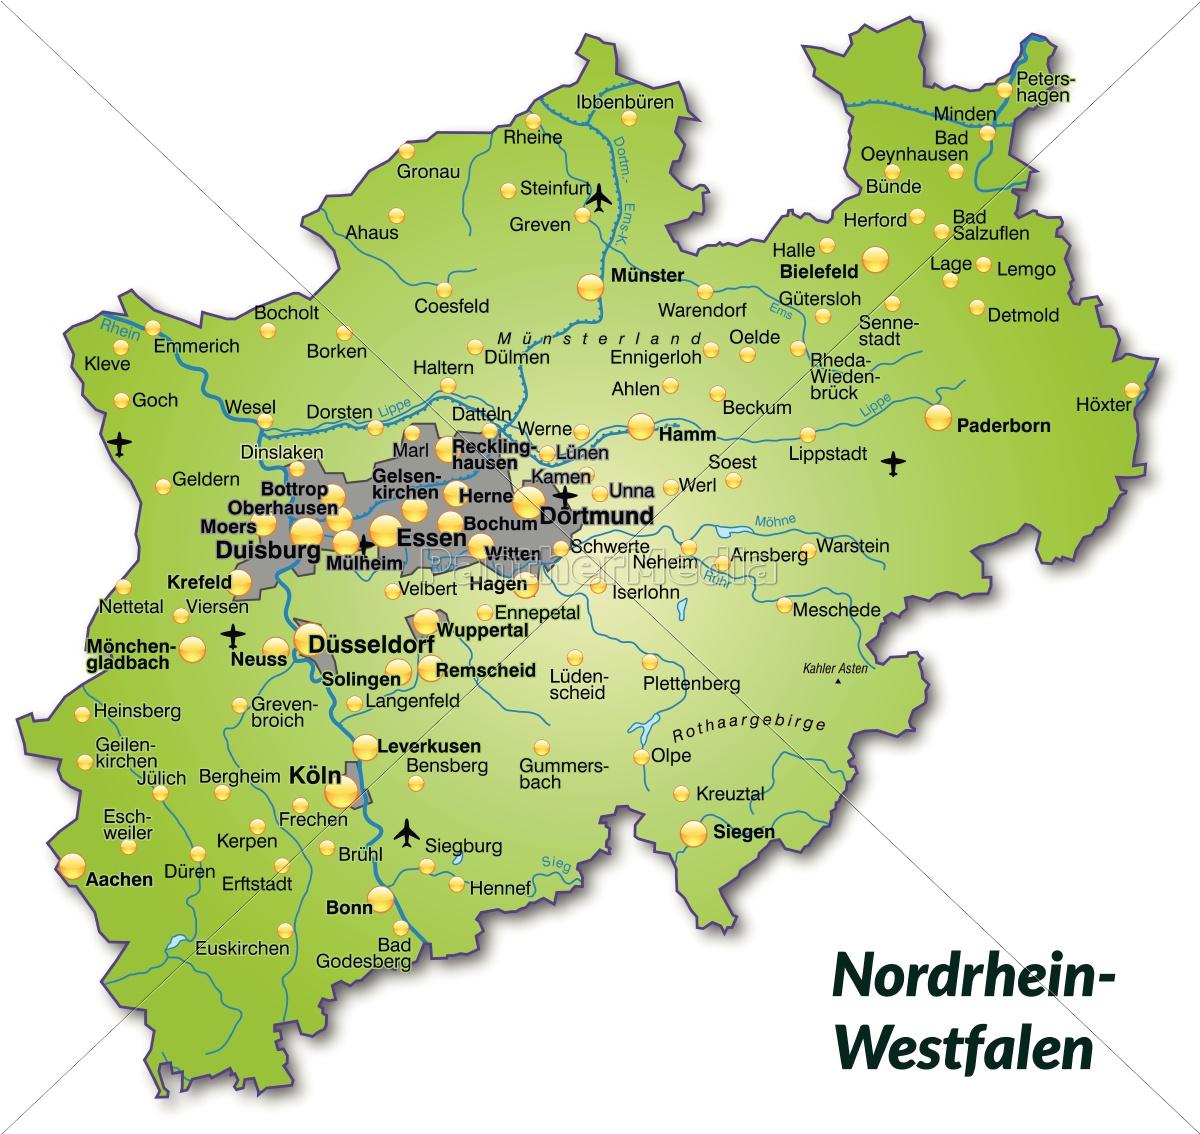 karte von nordrhein westfalen als bersichtskarte in lizenzfreies bild 10636847. Black Bedroom Furniture Sets. Home Design Ideas